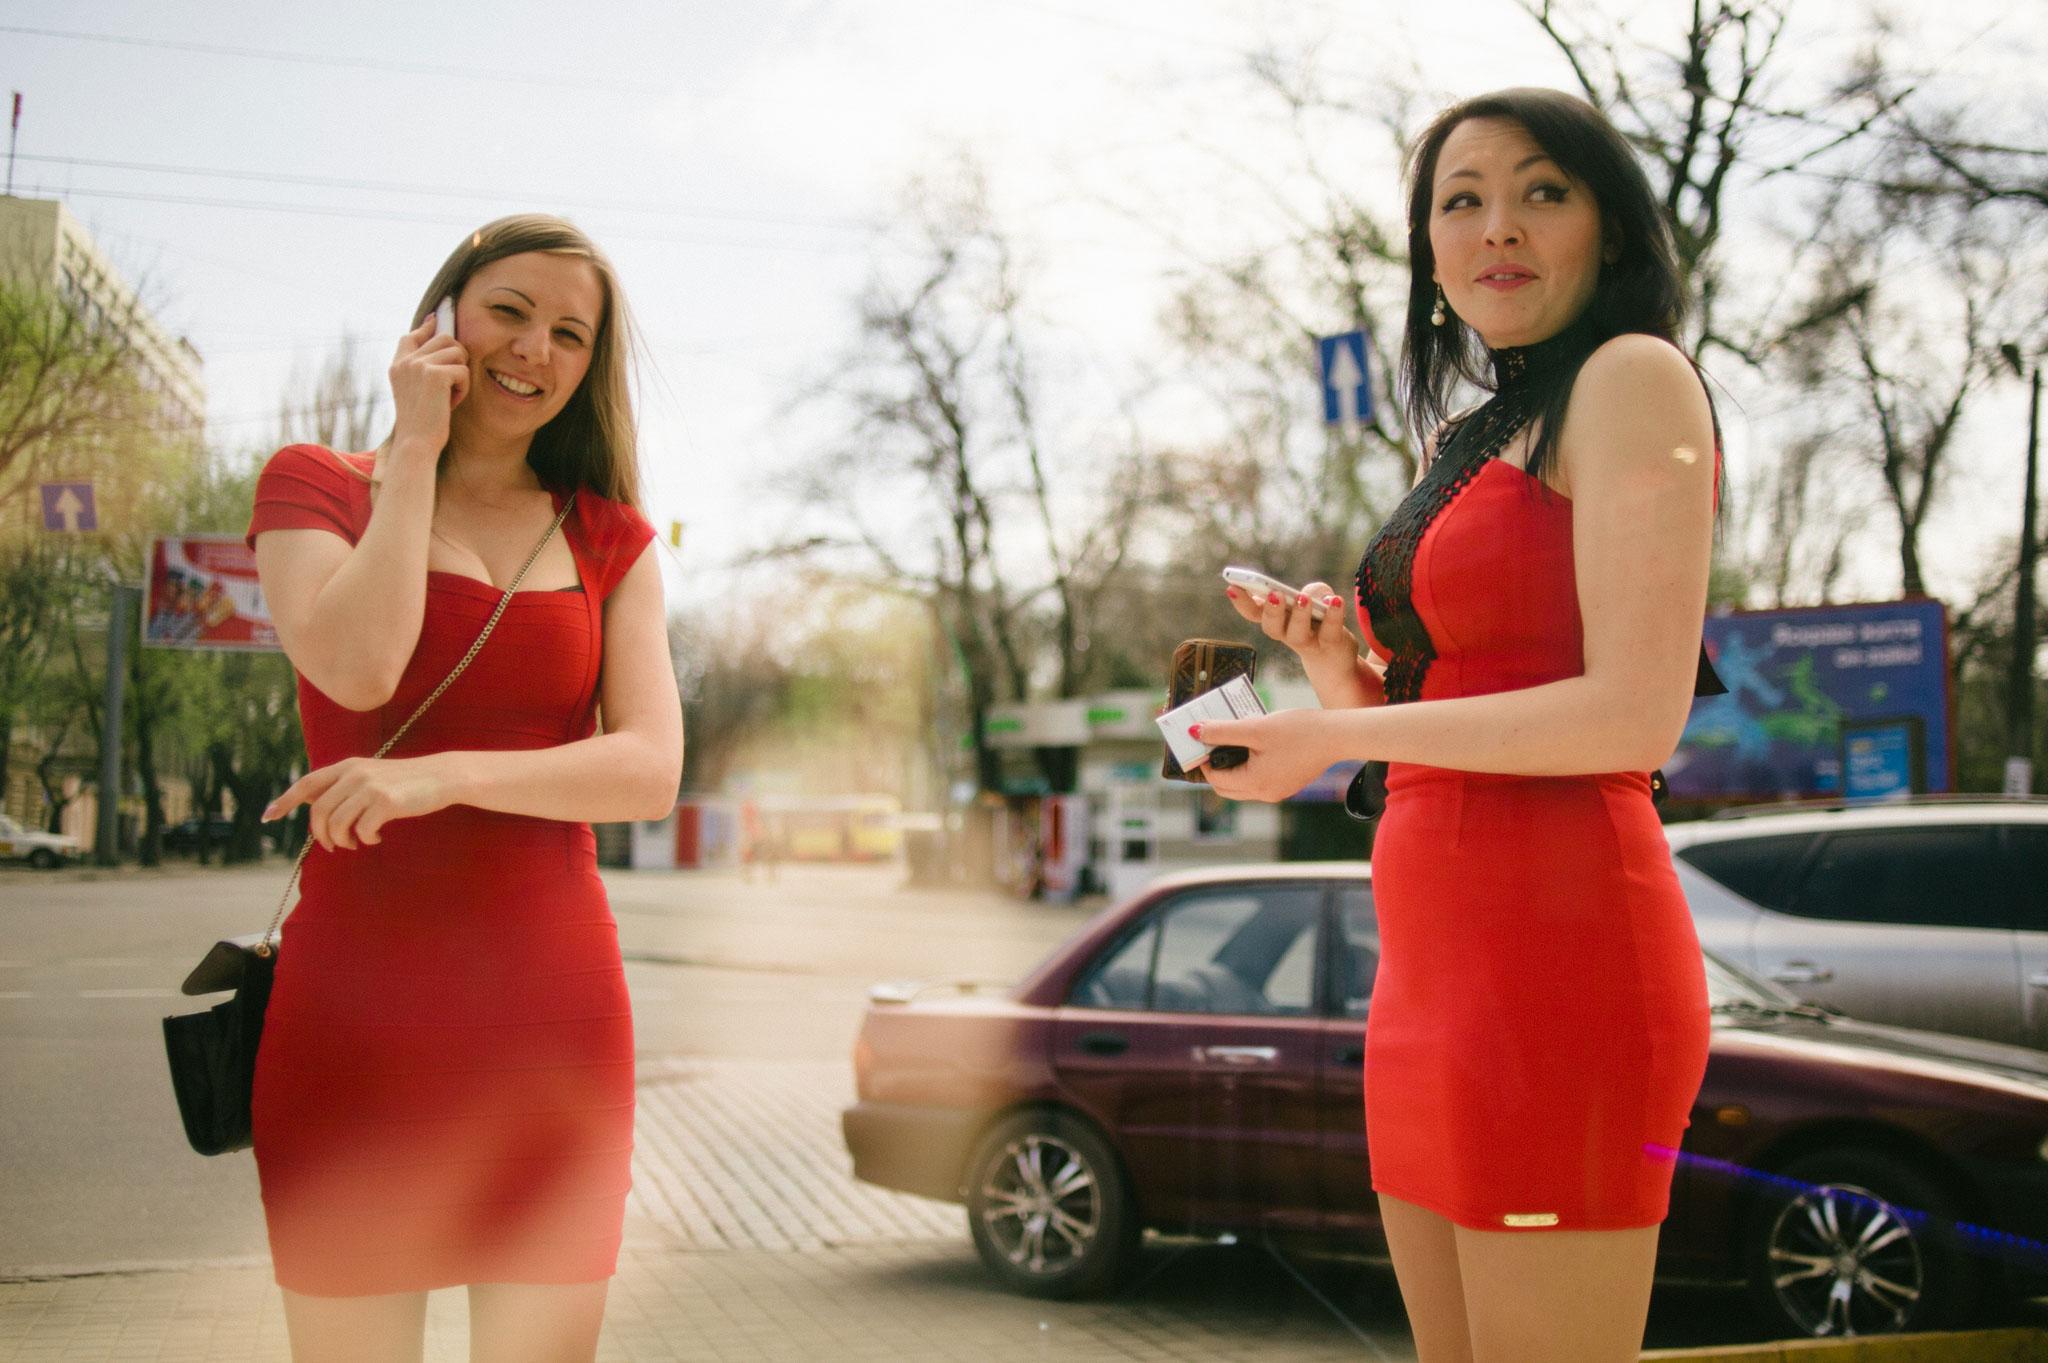 Ucraina, polemiche sull'opuscolo alle studentesse